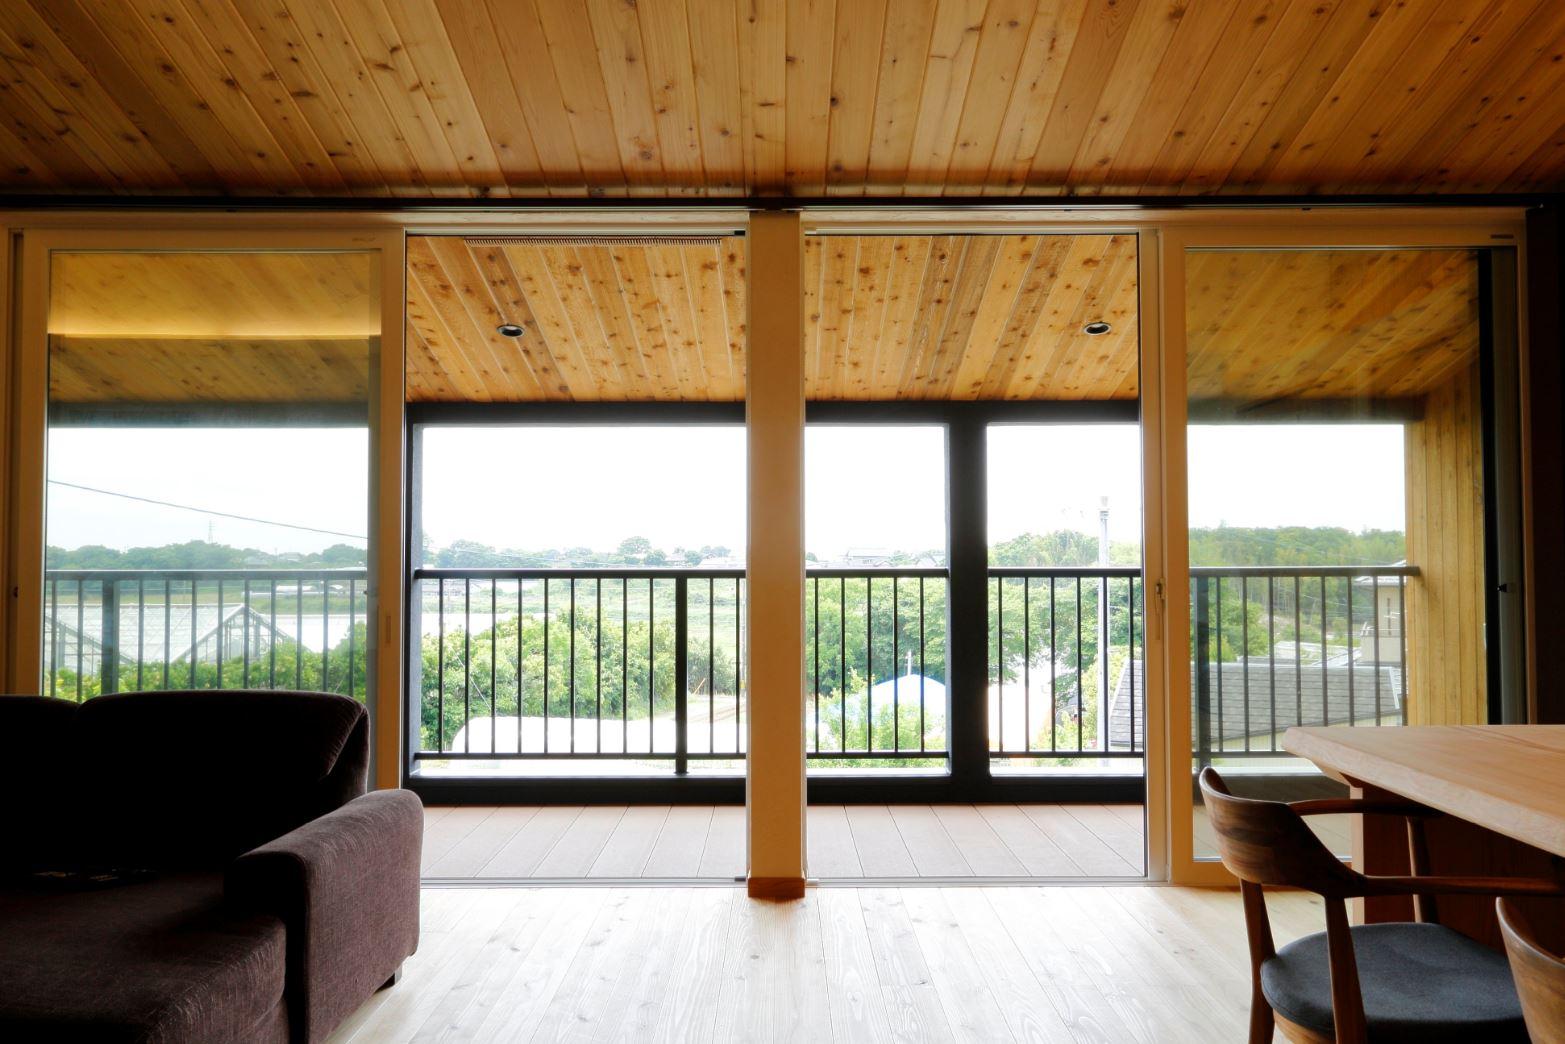 アイジースタイルハウス【子育て、自然素材、間取り】壁面いっぱいに設置した大開口の向こうに美しい眺望が開ける。室内と屋外の天井を同じレッドシダーで統一し、リビングとデッキの床をフラットにつなげたことで、より開放感が生まれた